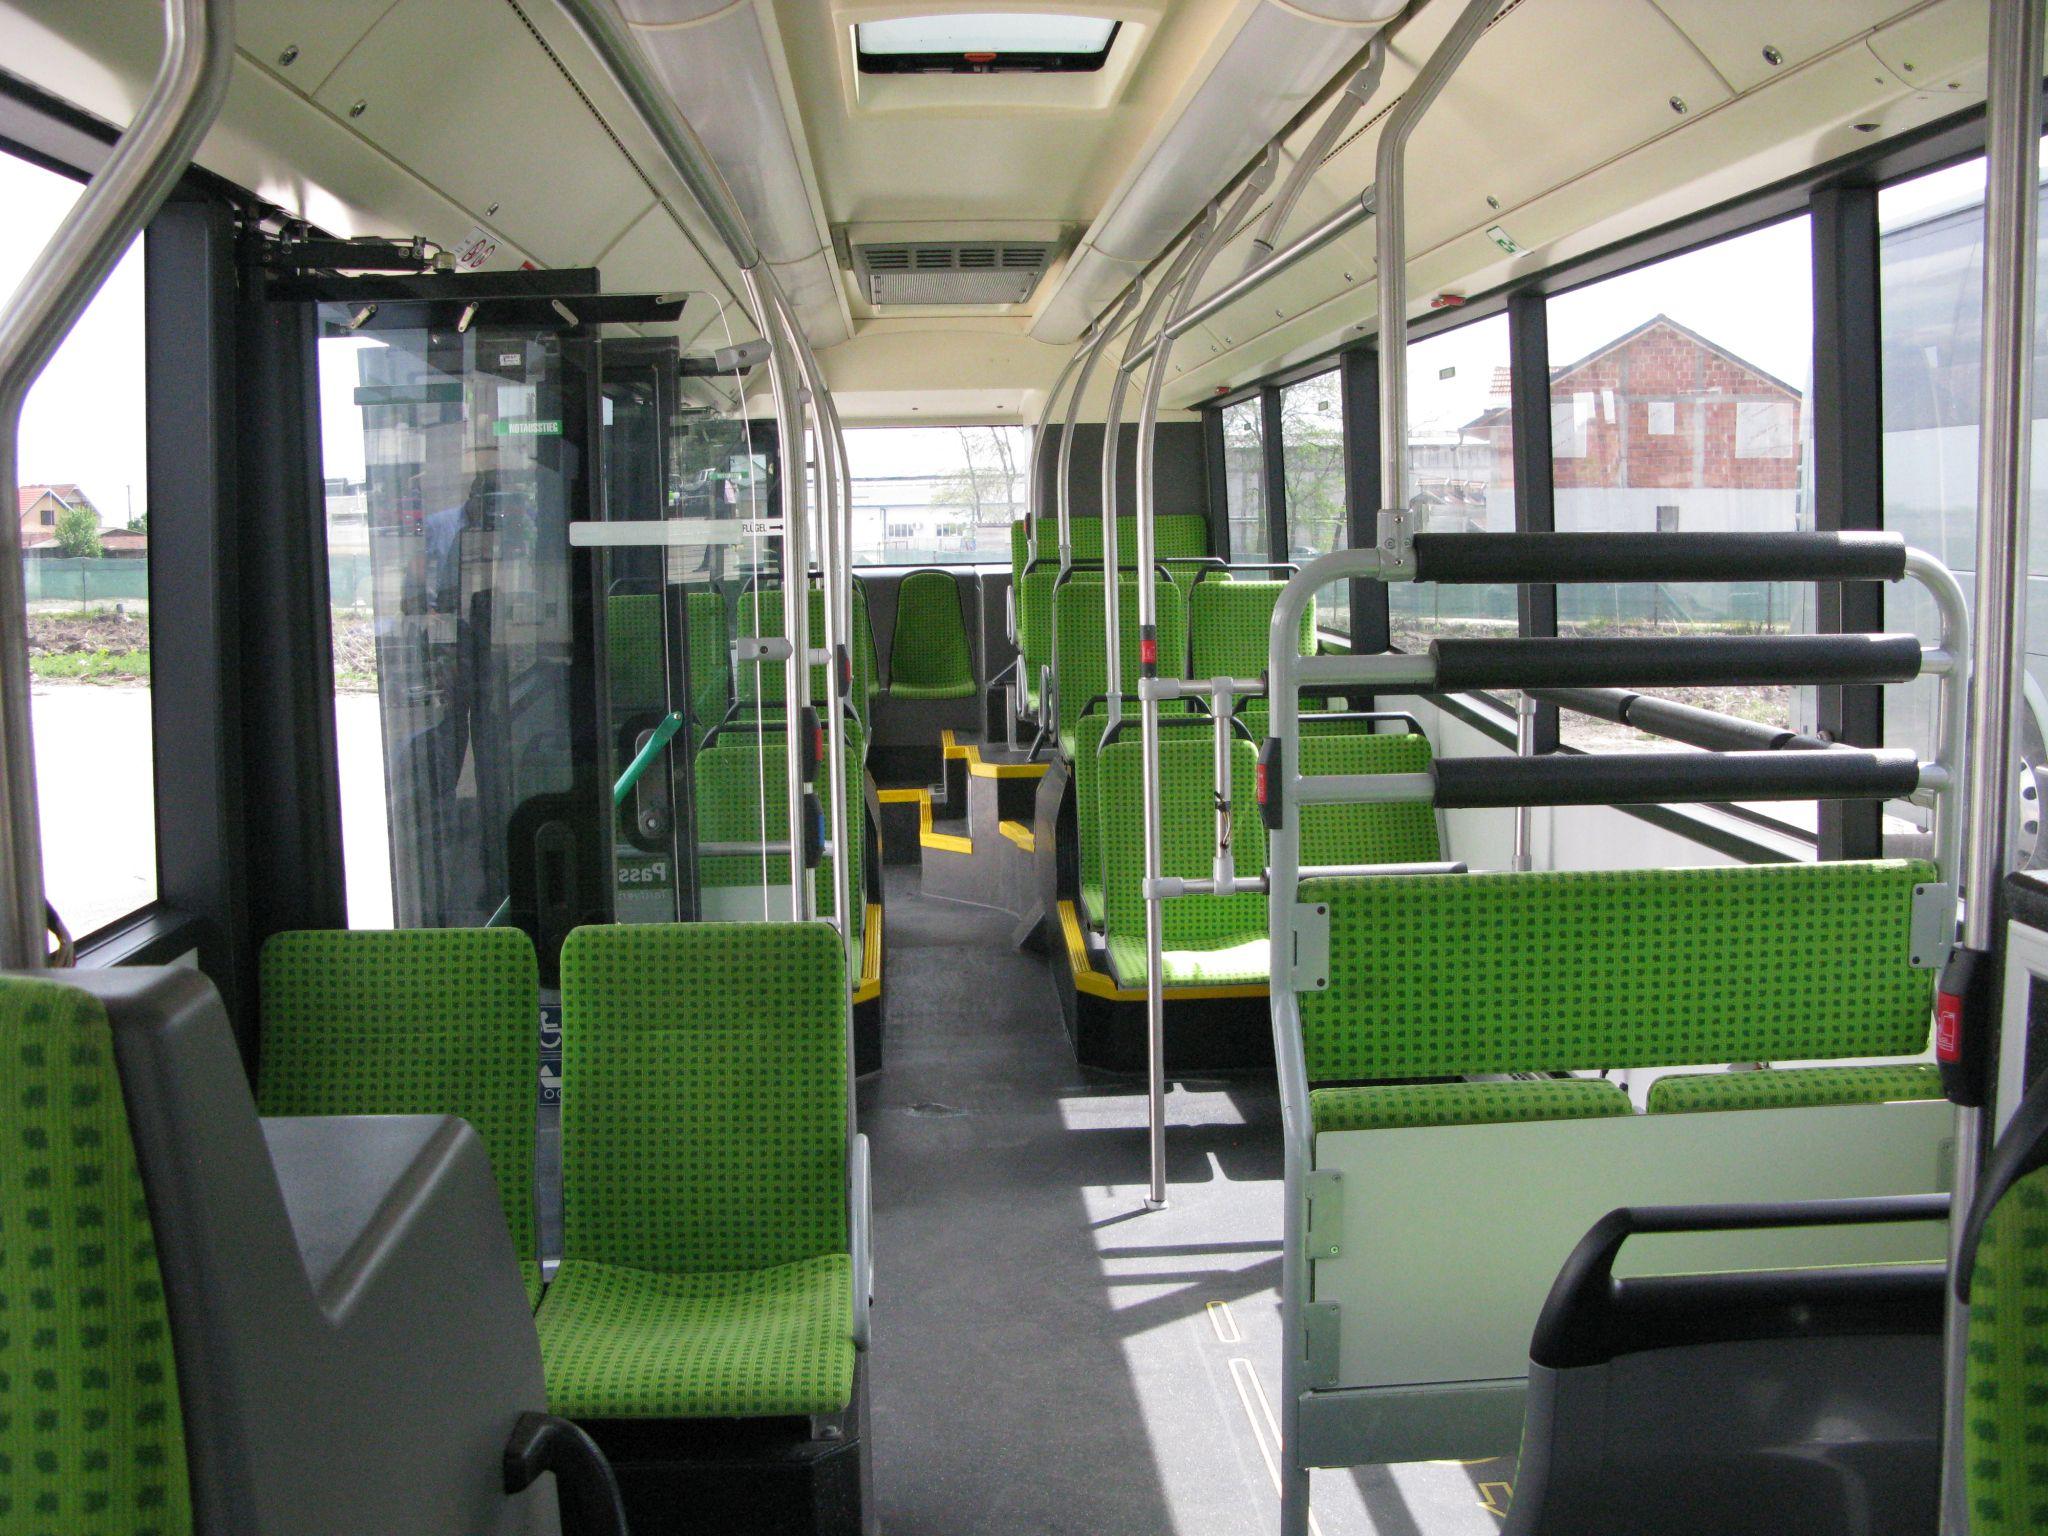 Pohled do interiéru jednoho z 10 hybridních autobusů. (foto: Saša Conić; Autobusi.net)